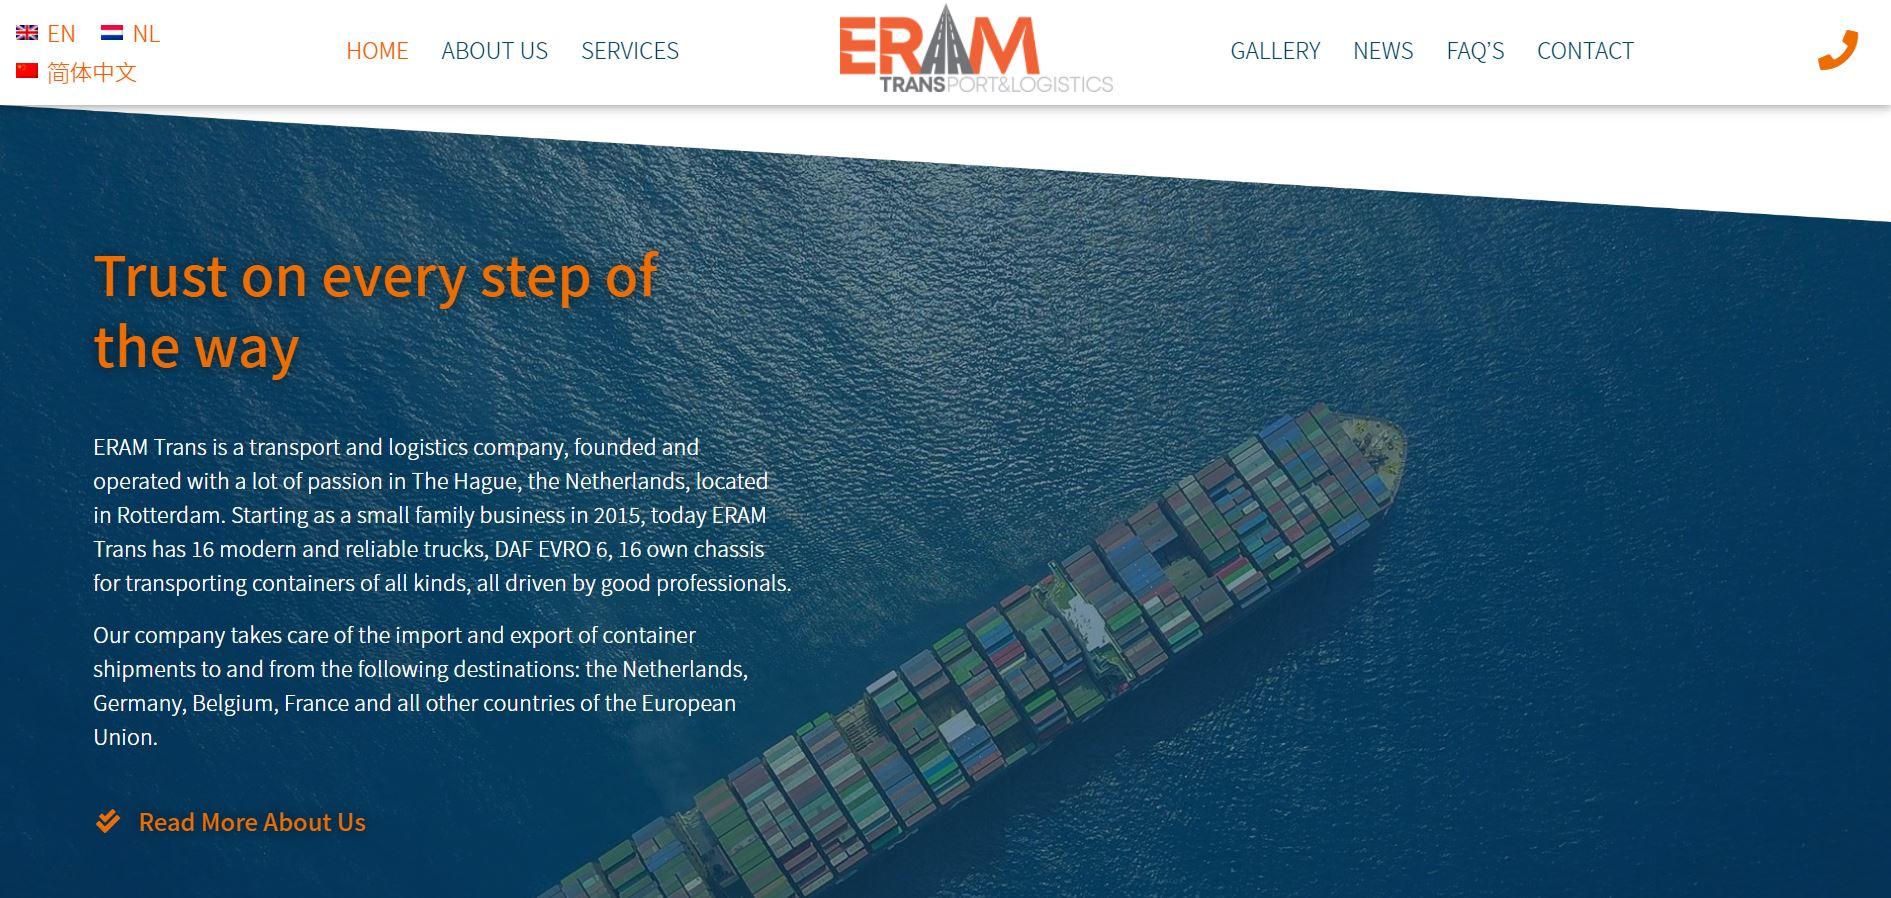 Eram Trans Website Design 2